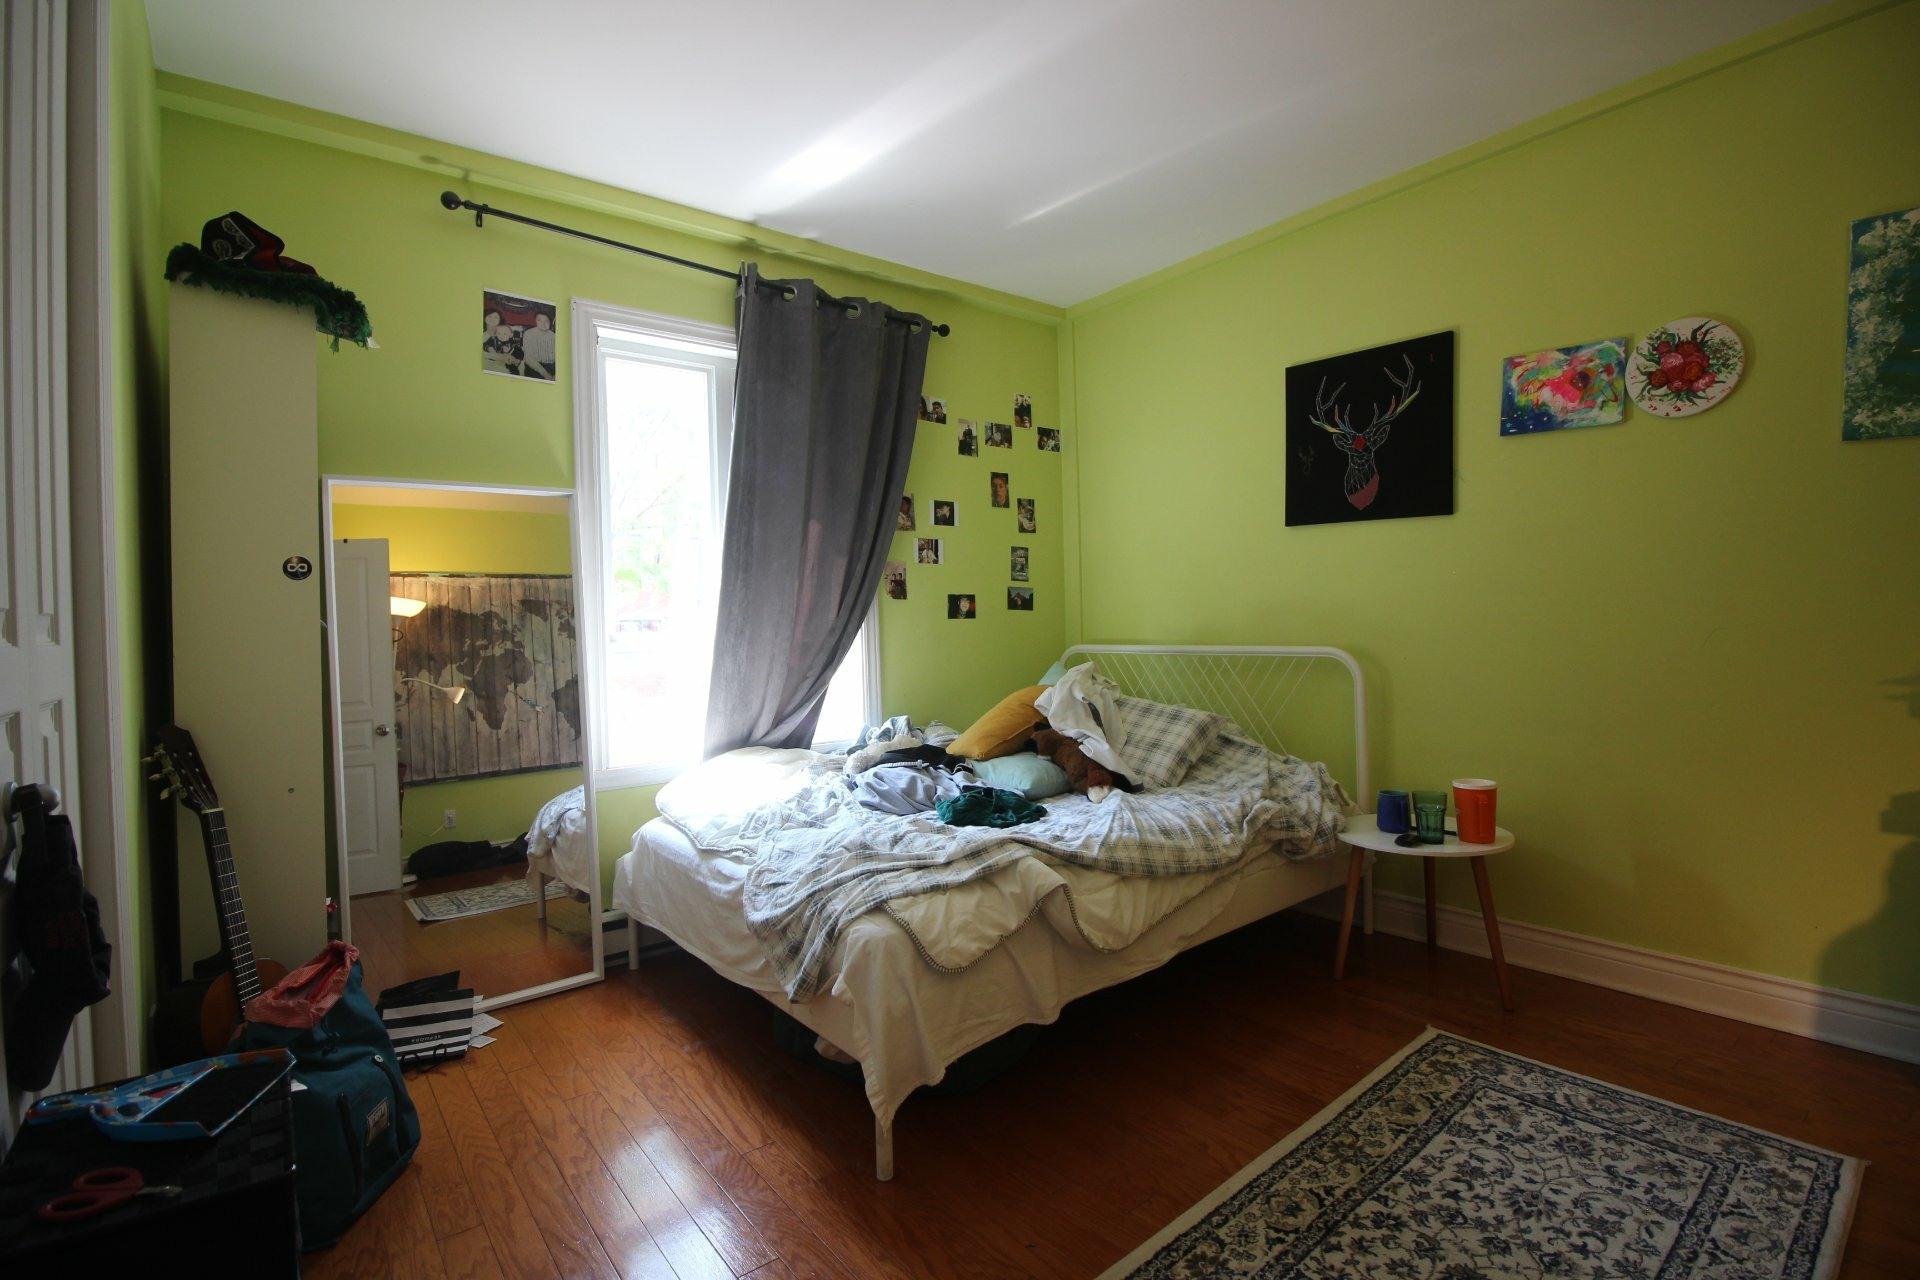 image 5 - Appartement À louer Verdun/Île-des-Soeurs Montréal  - 7 pièces